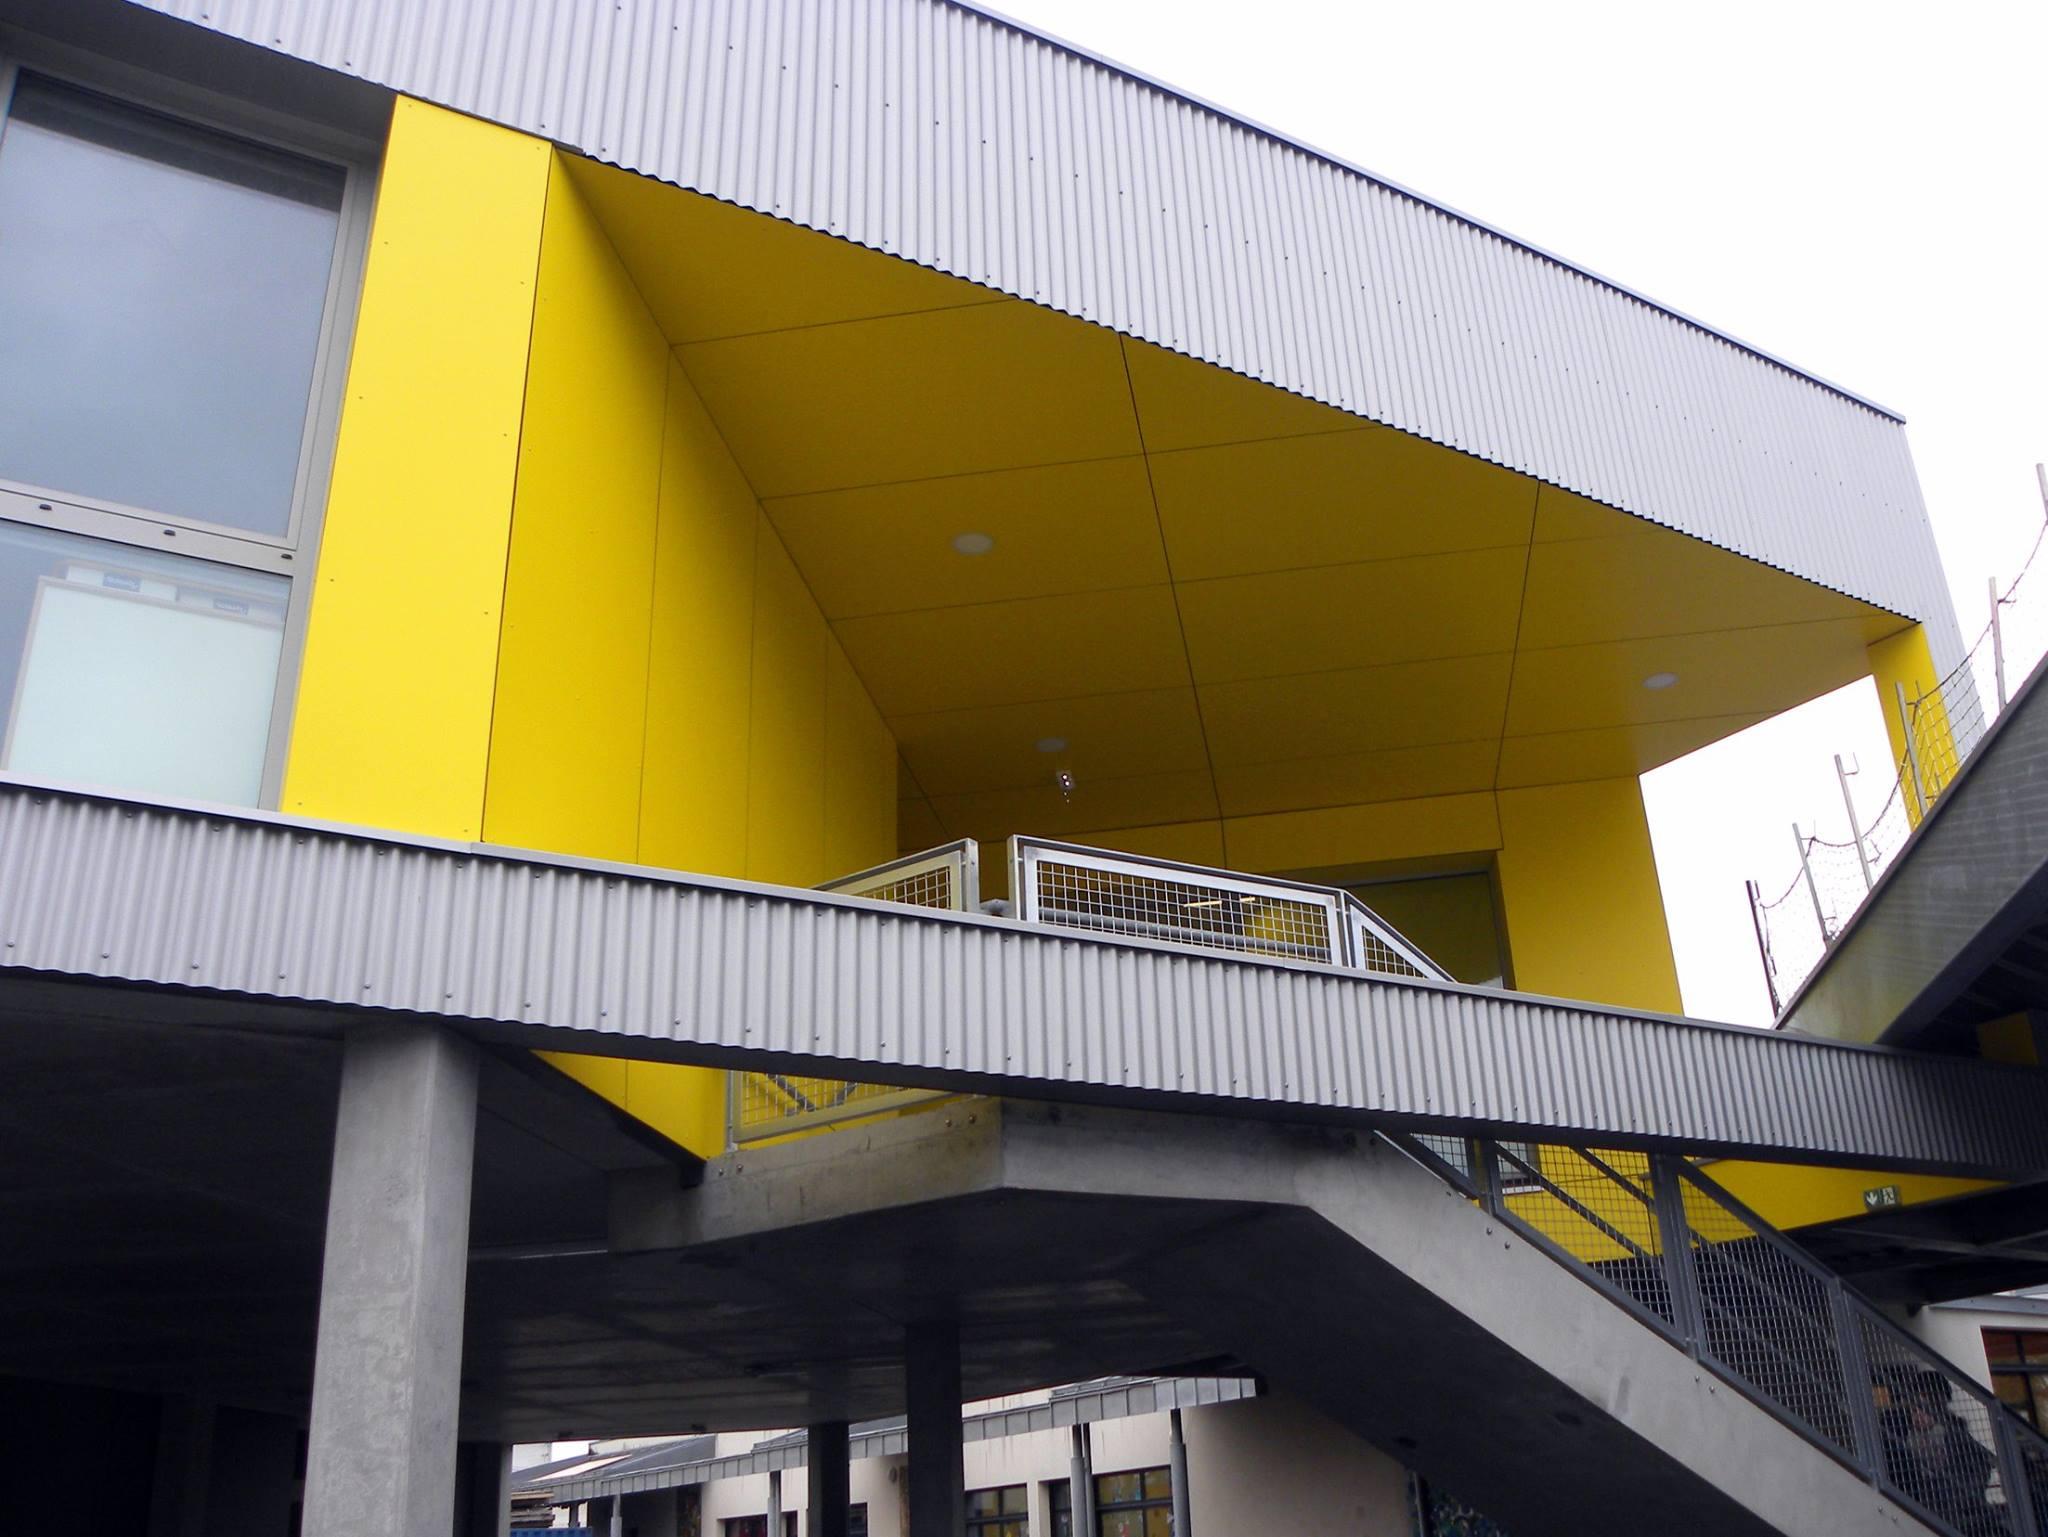 panneaux de façade stratifiés en MAX ETERIOR 8 mm de décor